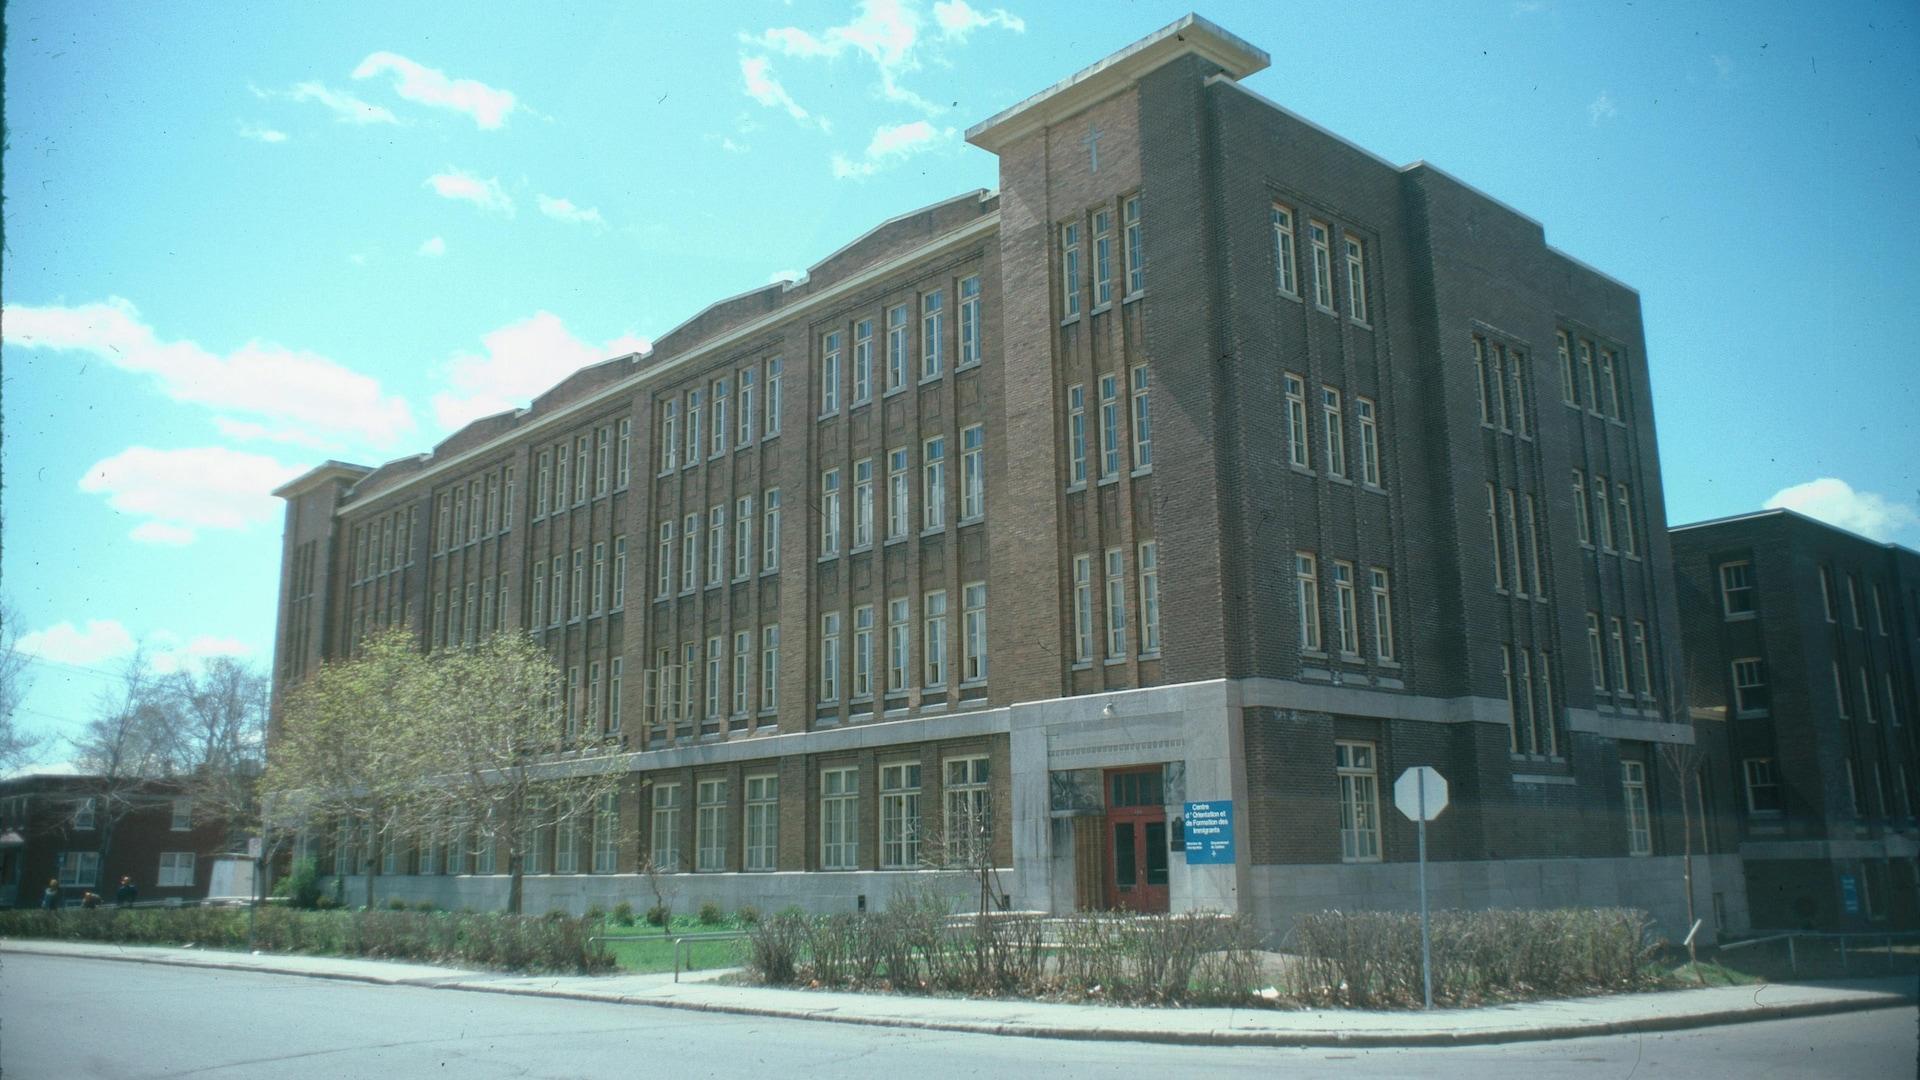 L'ancienne école publique de la rue Père-Marquette était typique du modèle en vogue à Québec au début du 20e siècle. On le voit à ses briques brunes, son style épuré et ses trois étages.